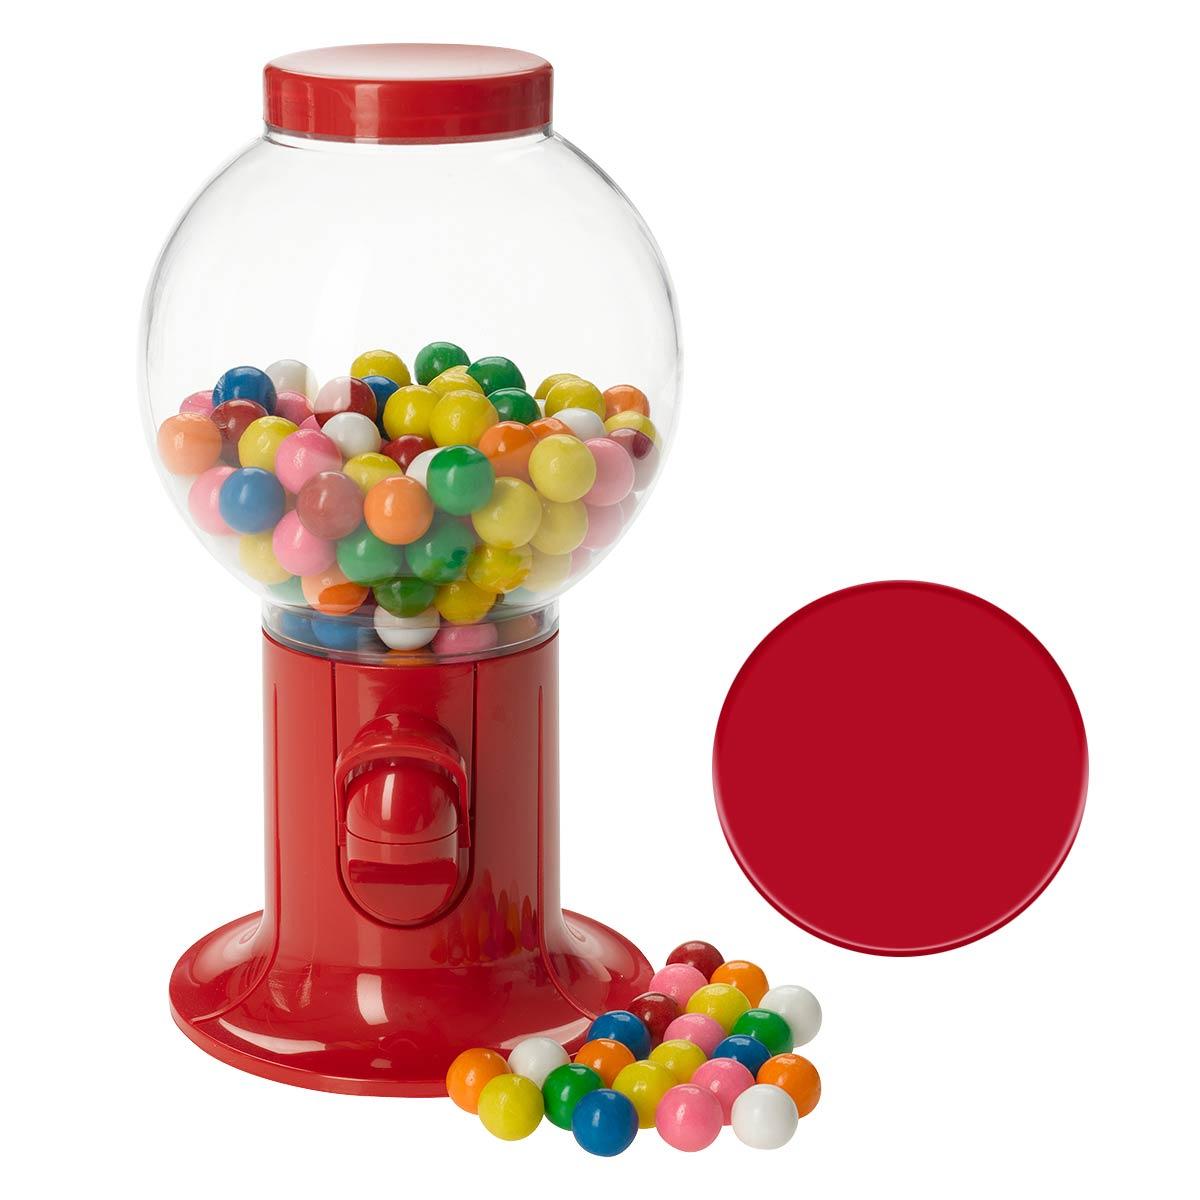 Redgumball